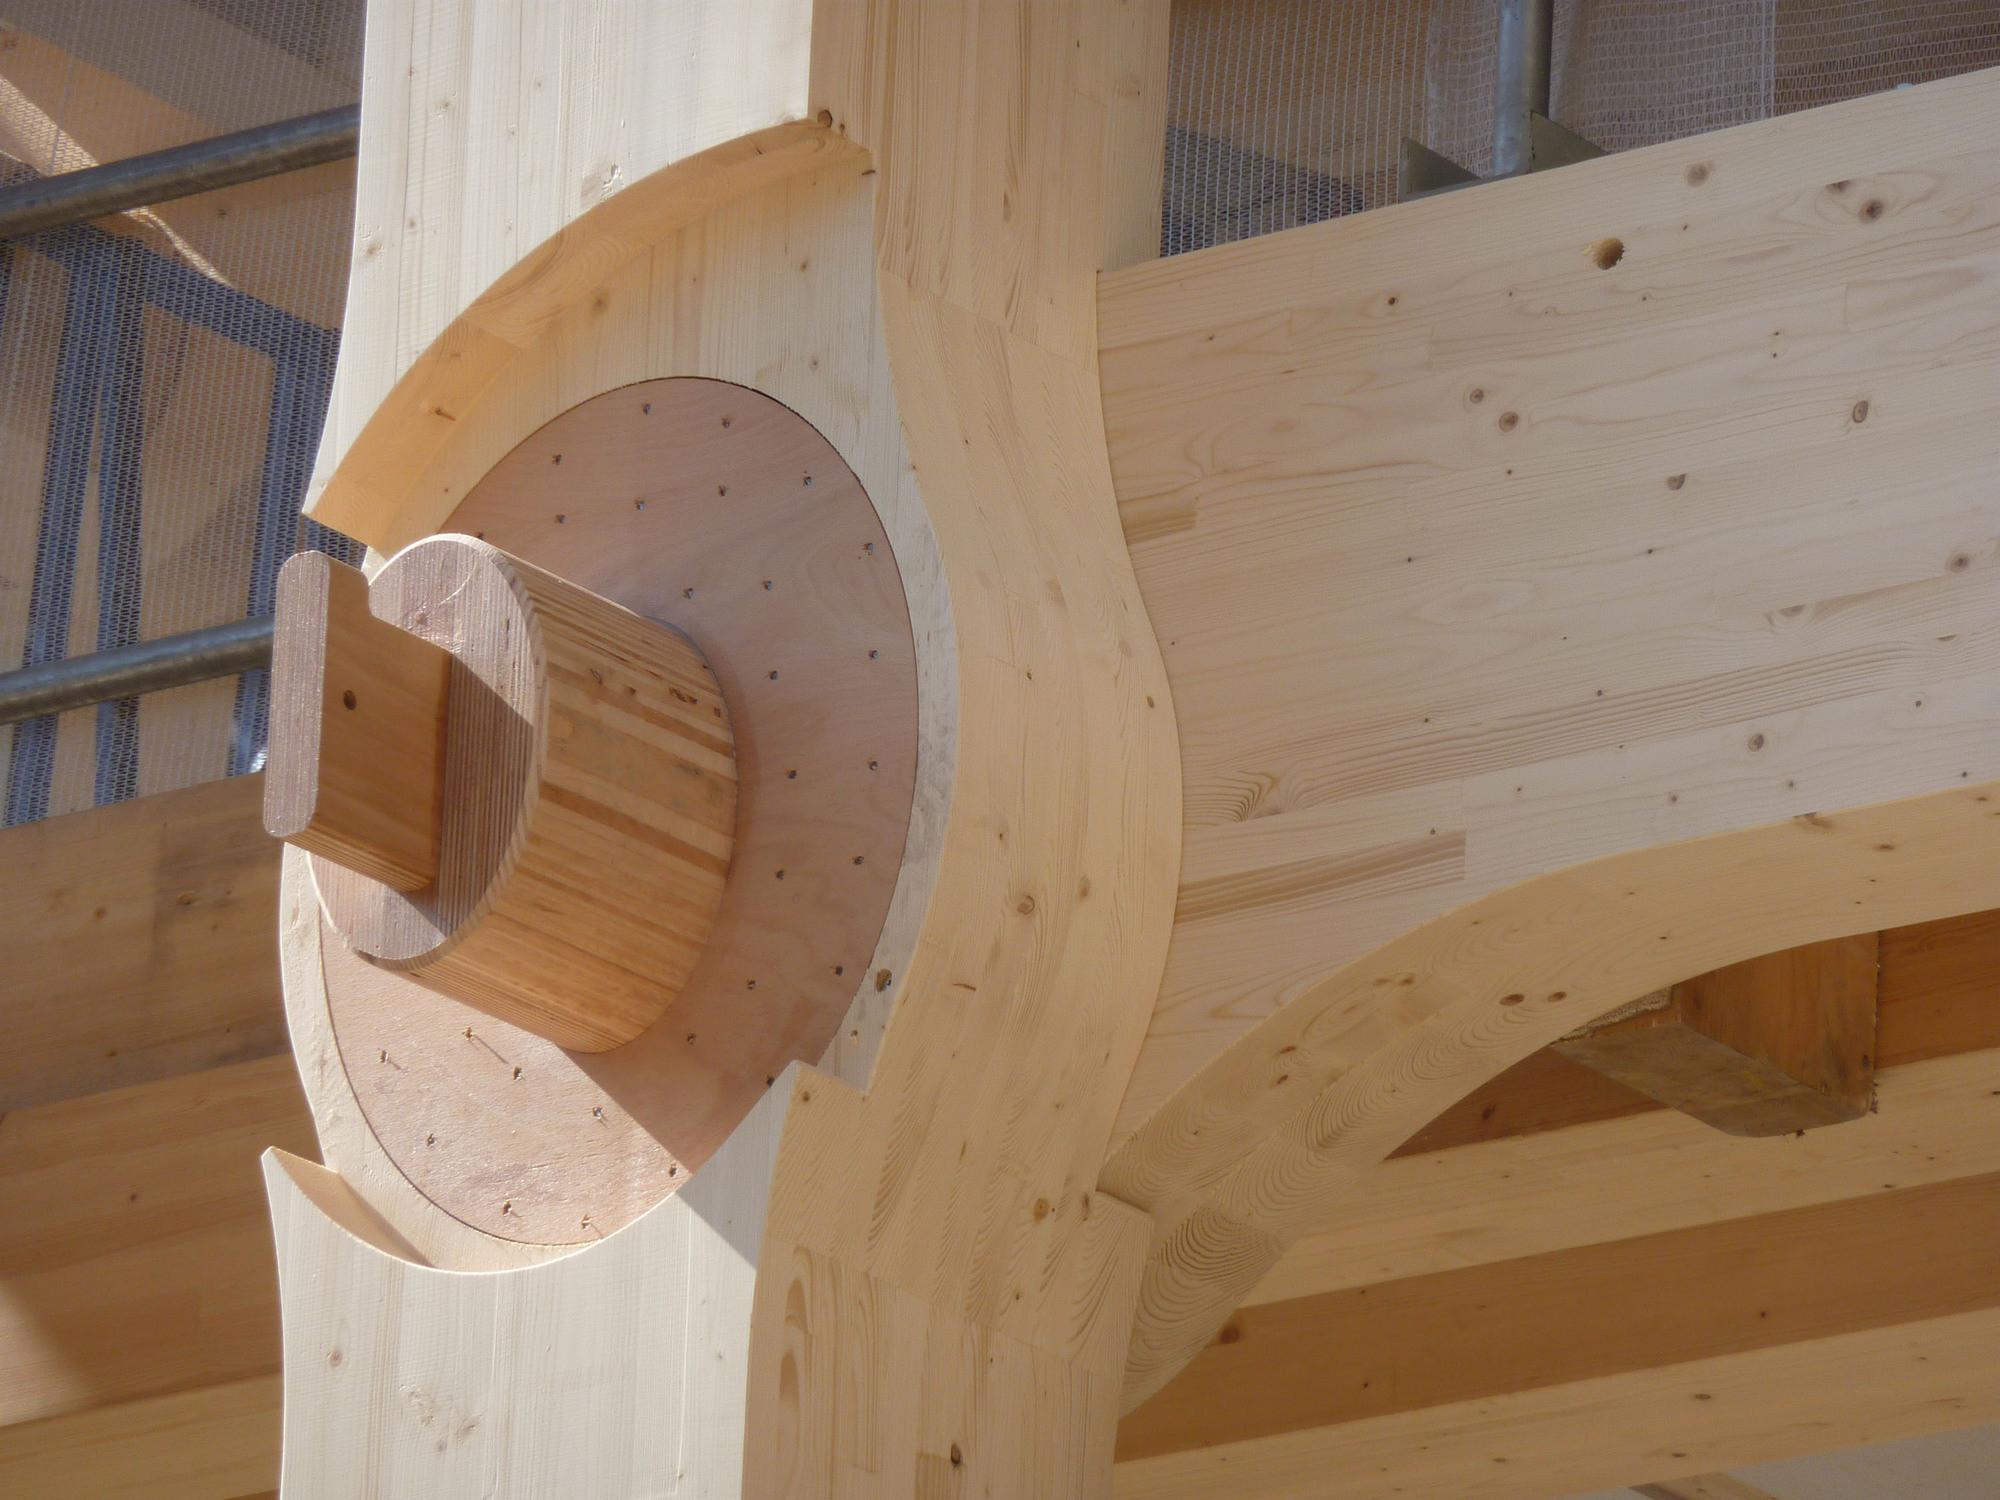 En Detalle: Sistema de ensambles Oficinas Tamedia, Shigeru Ban Architects, © Shigeru Ban Architects